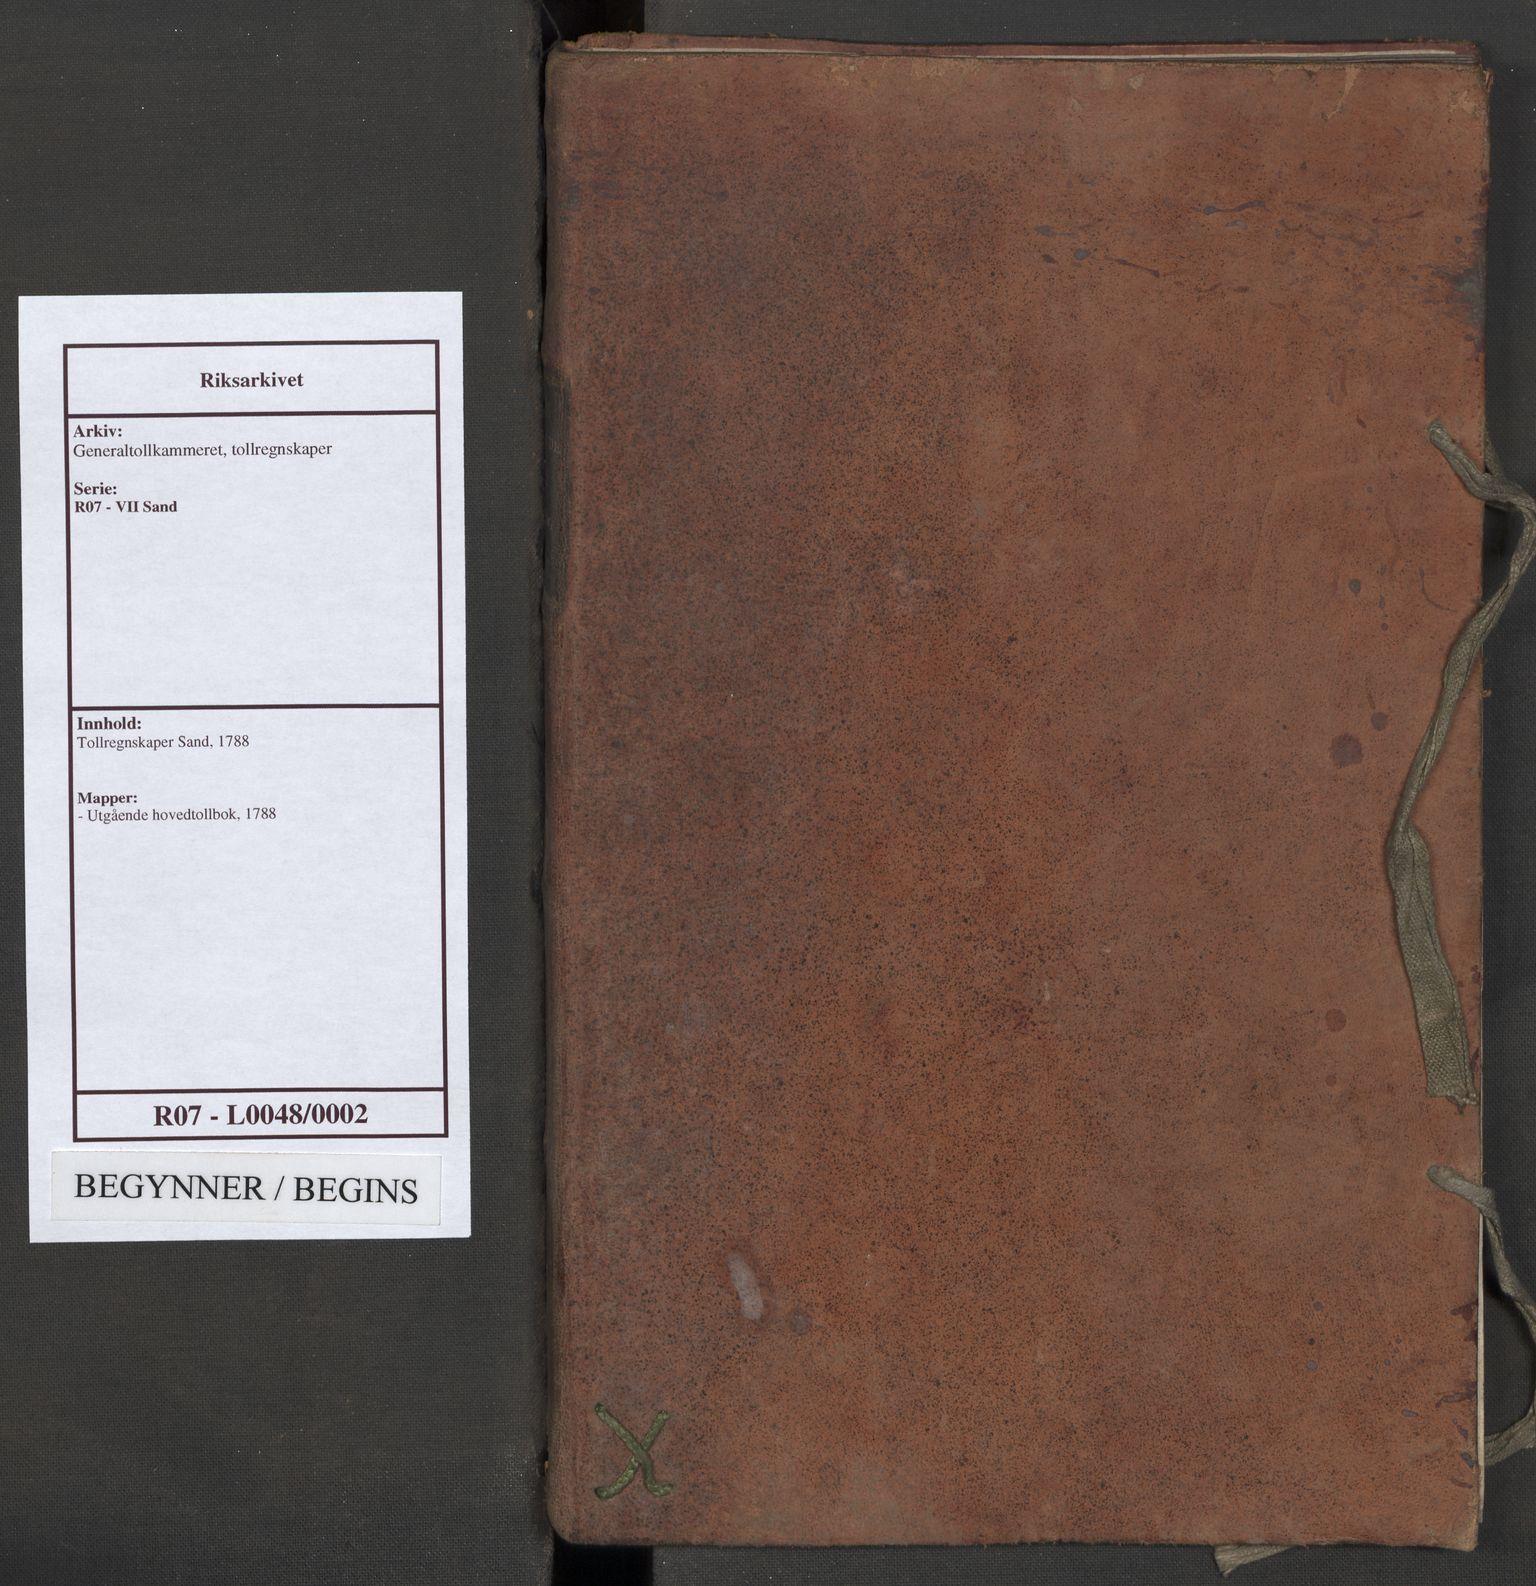 RA, Generaltollkammeret, tollregnskaper, R07/L0048: Tollregnskaper Sand, 1788